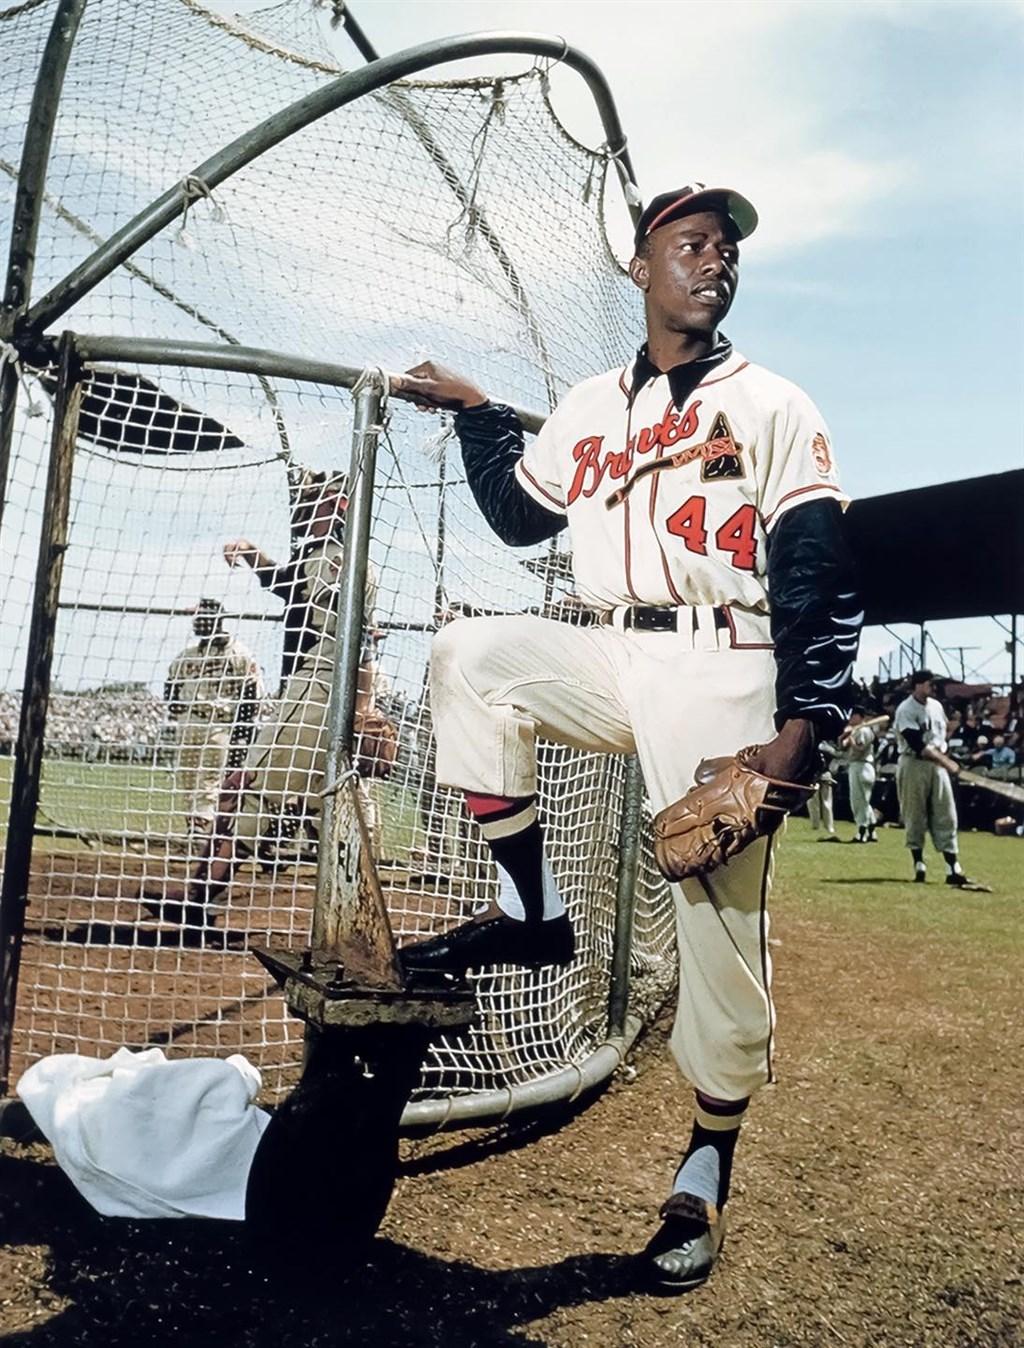 美國大聯盟傳奇球星漢克阿倫22日過世,享壽86歲。(圖取自facebook.com/Braves)